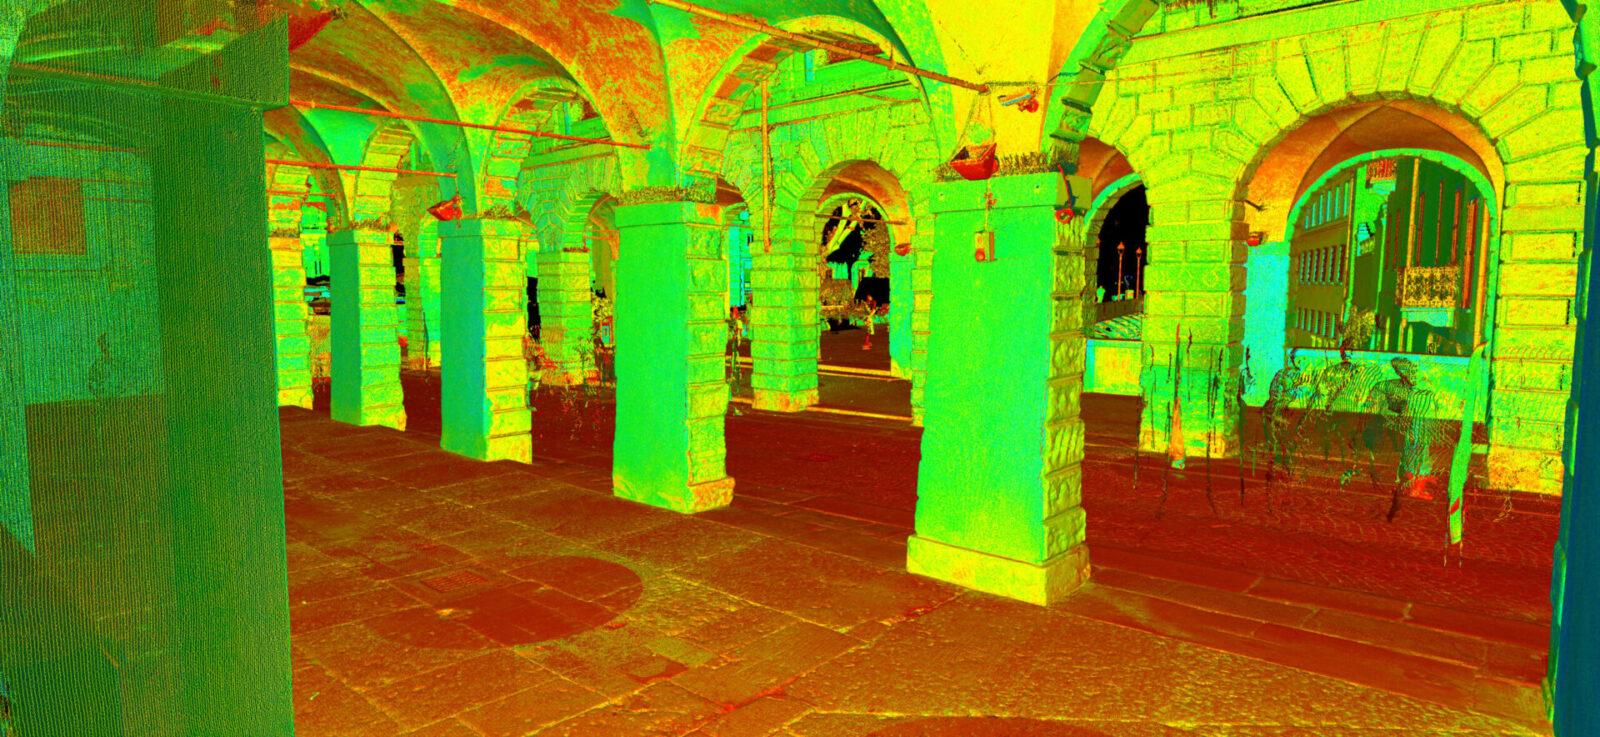 Pescherie di Giulio Romano Mantova Laser Scanner